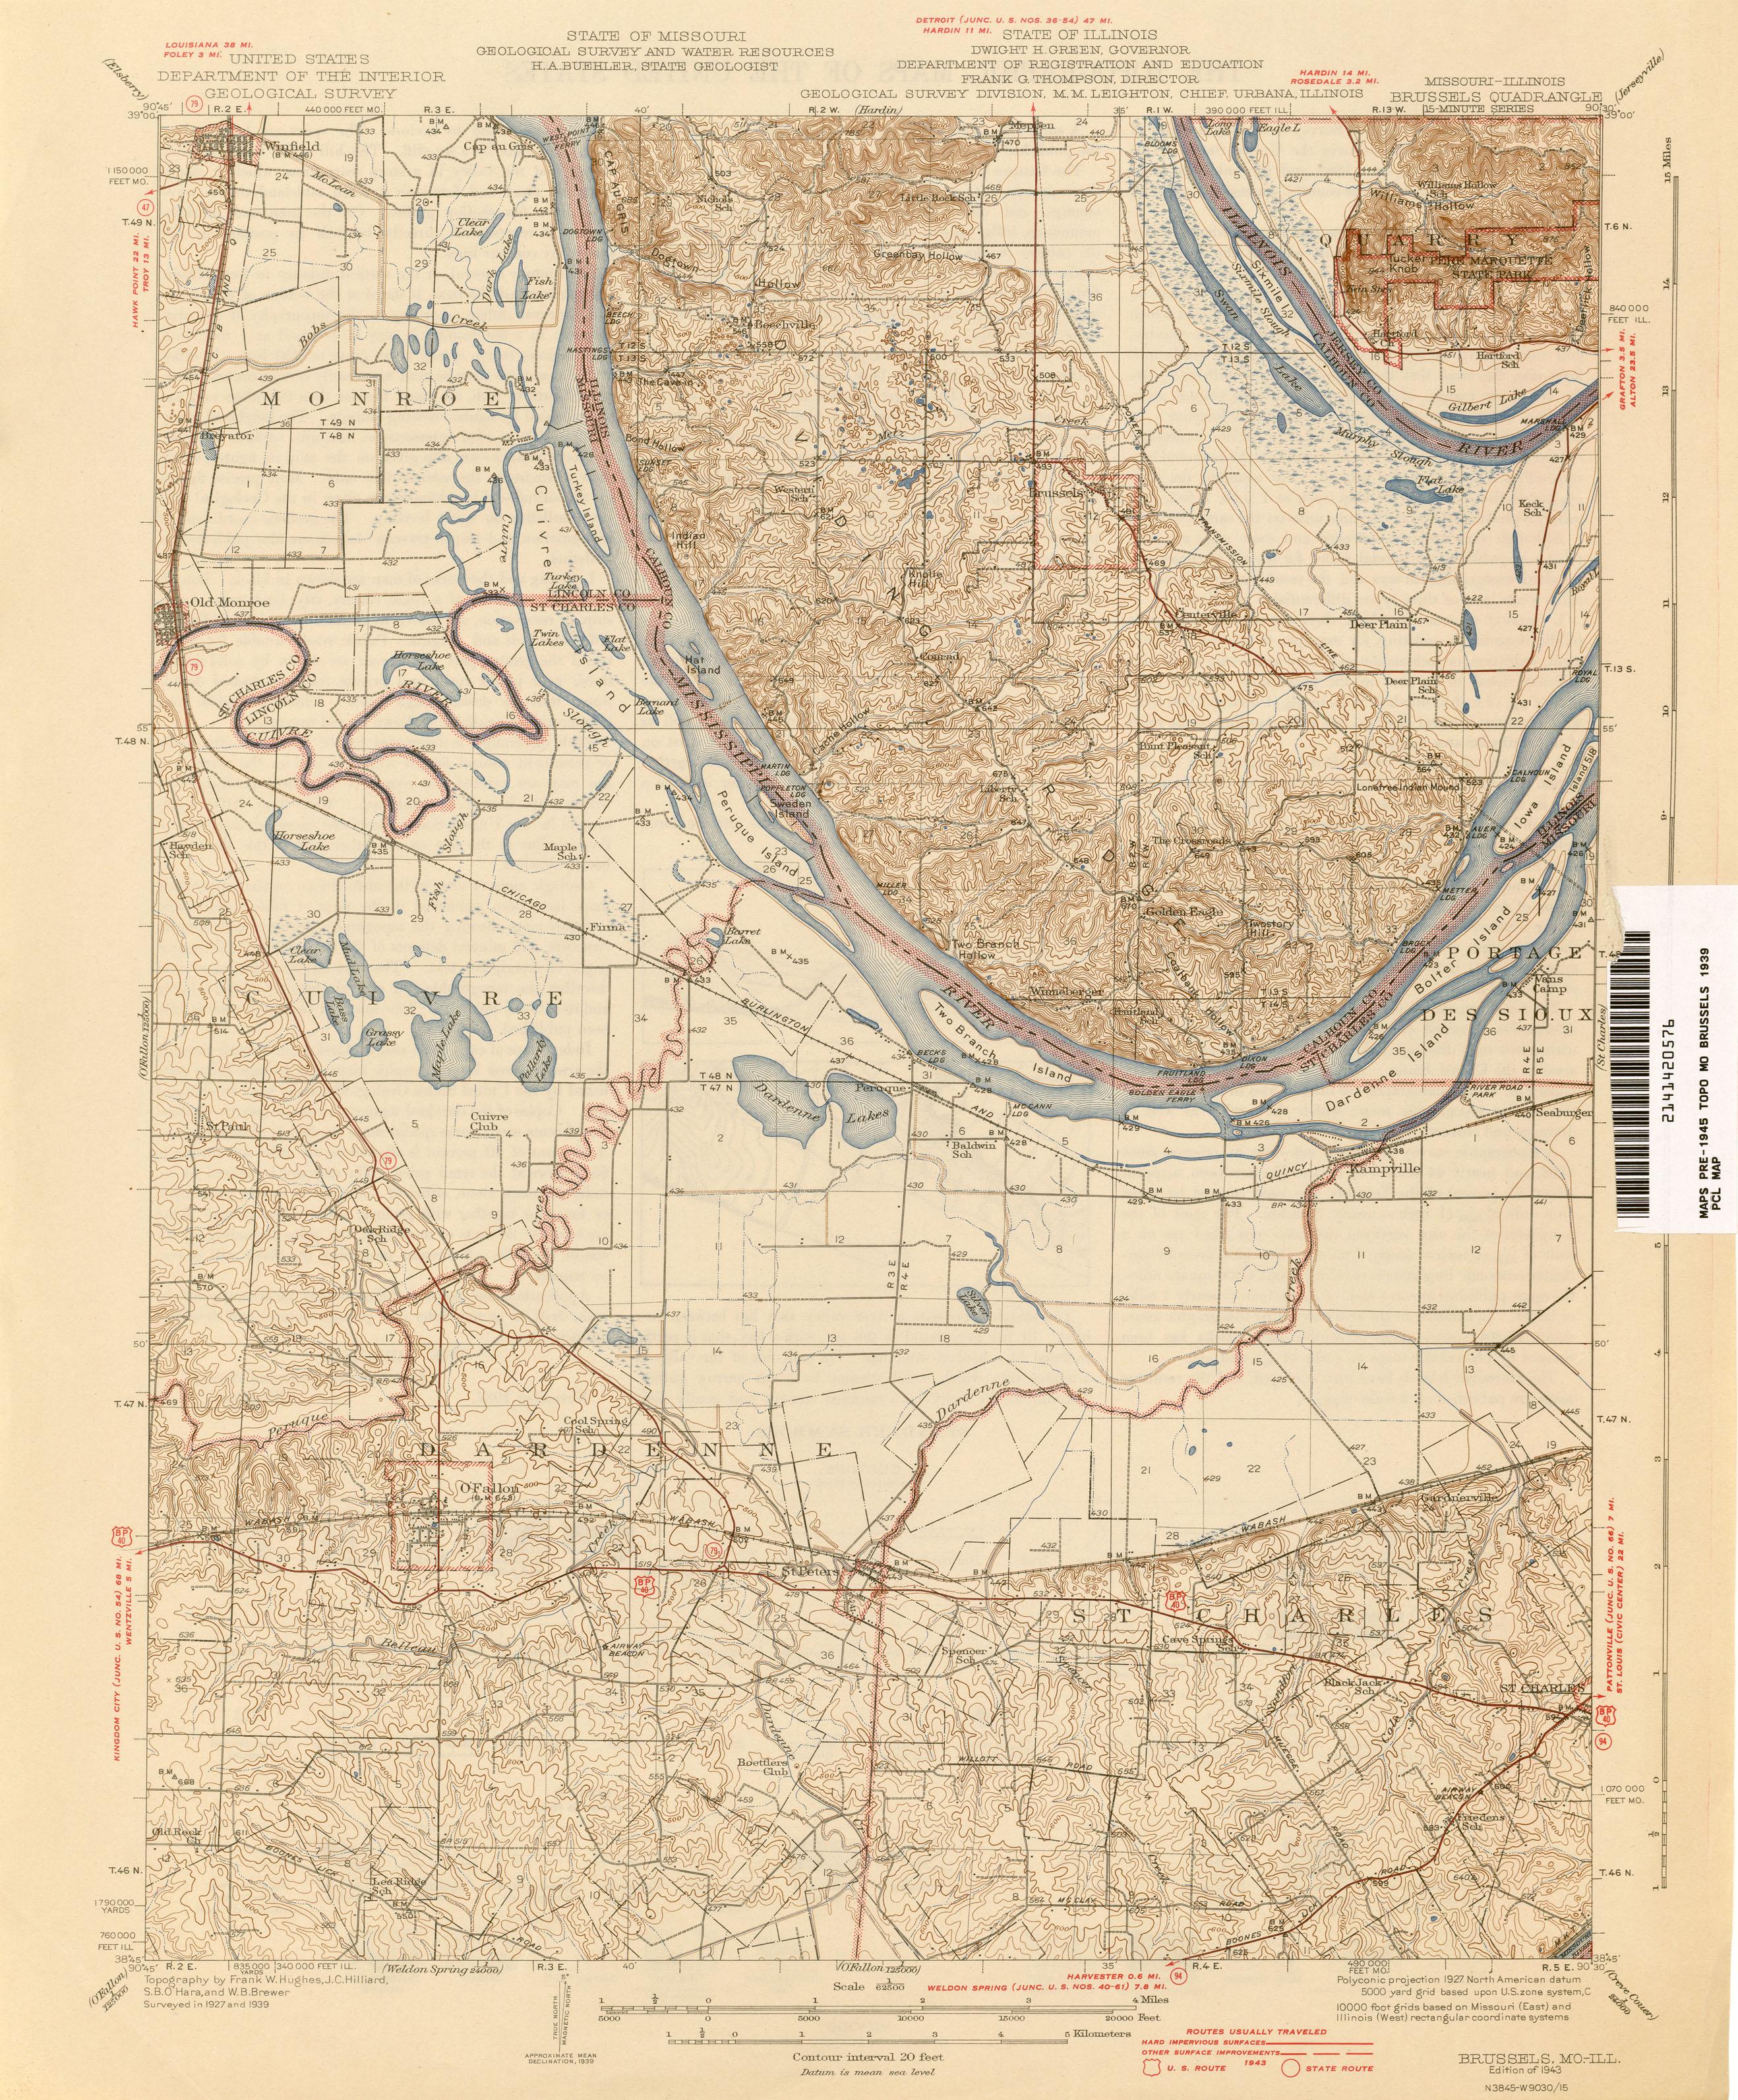 Illinois Historical Topographic Maps - Perry-Castañeda Map ... on mount zion illinois, hardin illinois, naples illinois, phoenix illinois, burnt prairie illinois, zurich illinois, brighton illinois, springfield illinois, la salle illinois, hanover illinois, dow illinois, columbus illinois, kampsville illinois, calhoun county illinois, venice illinois, lake villa illinois, batchtown illinois, la grange illinois, united states illinois, lima illinois,